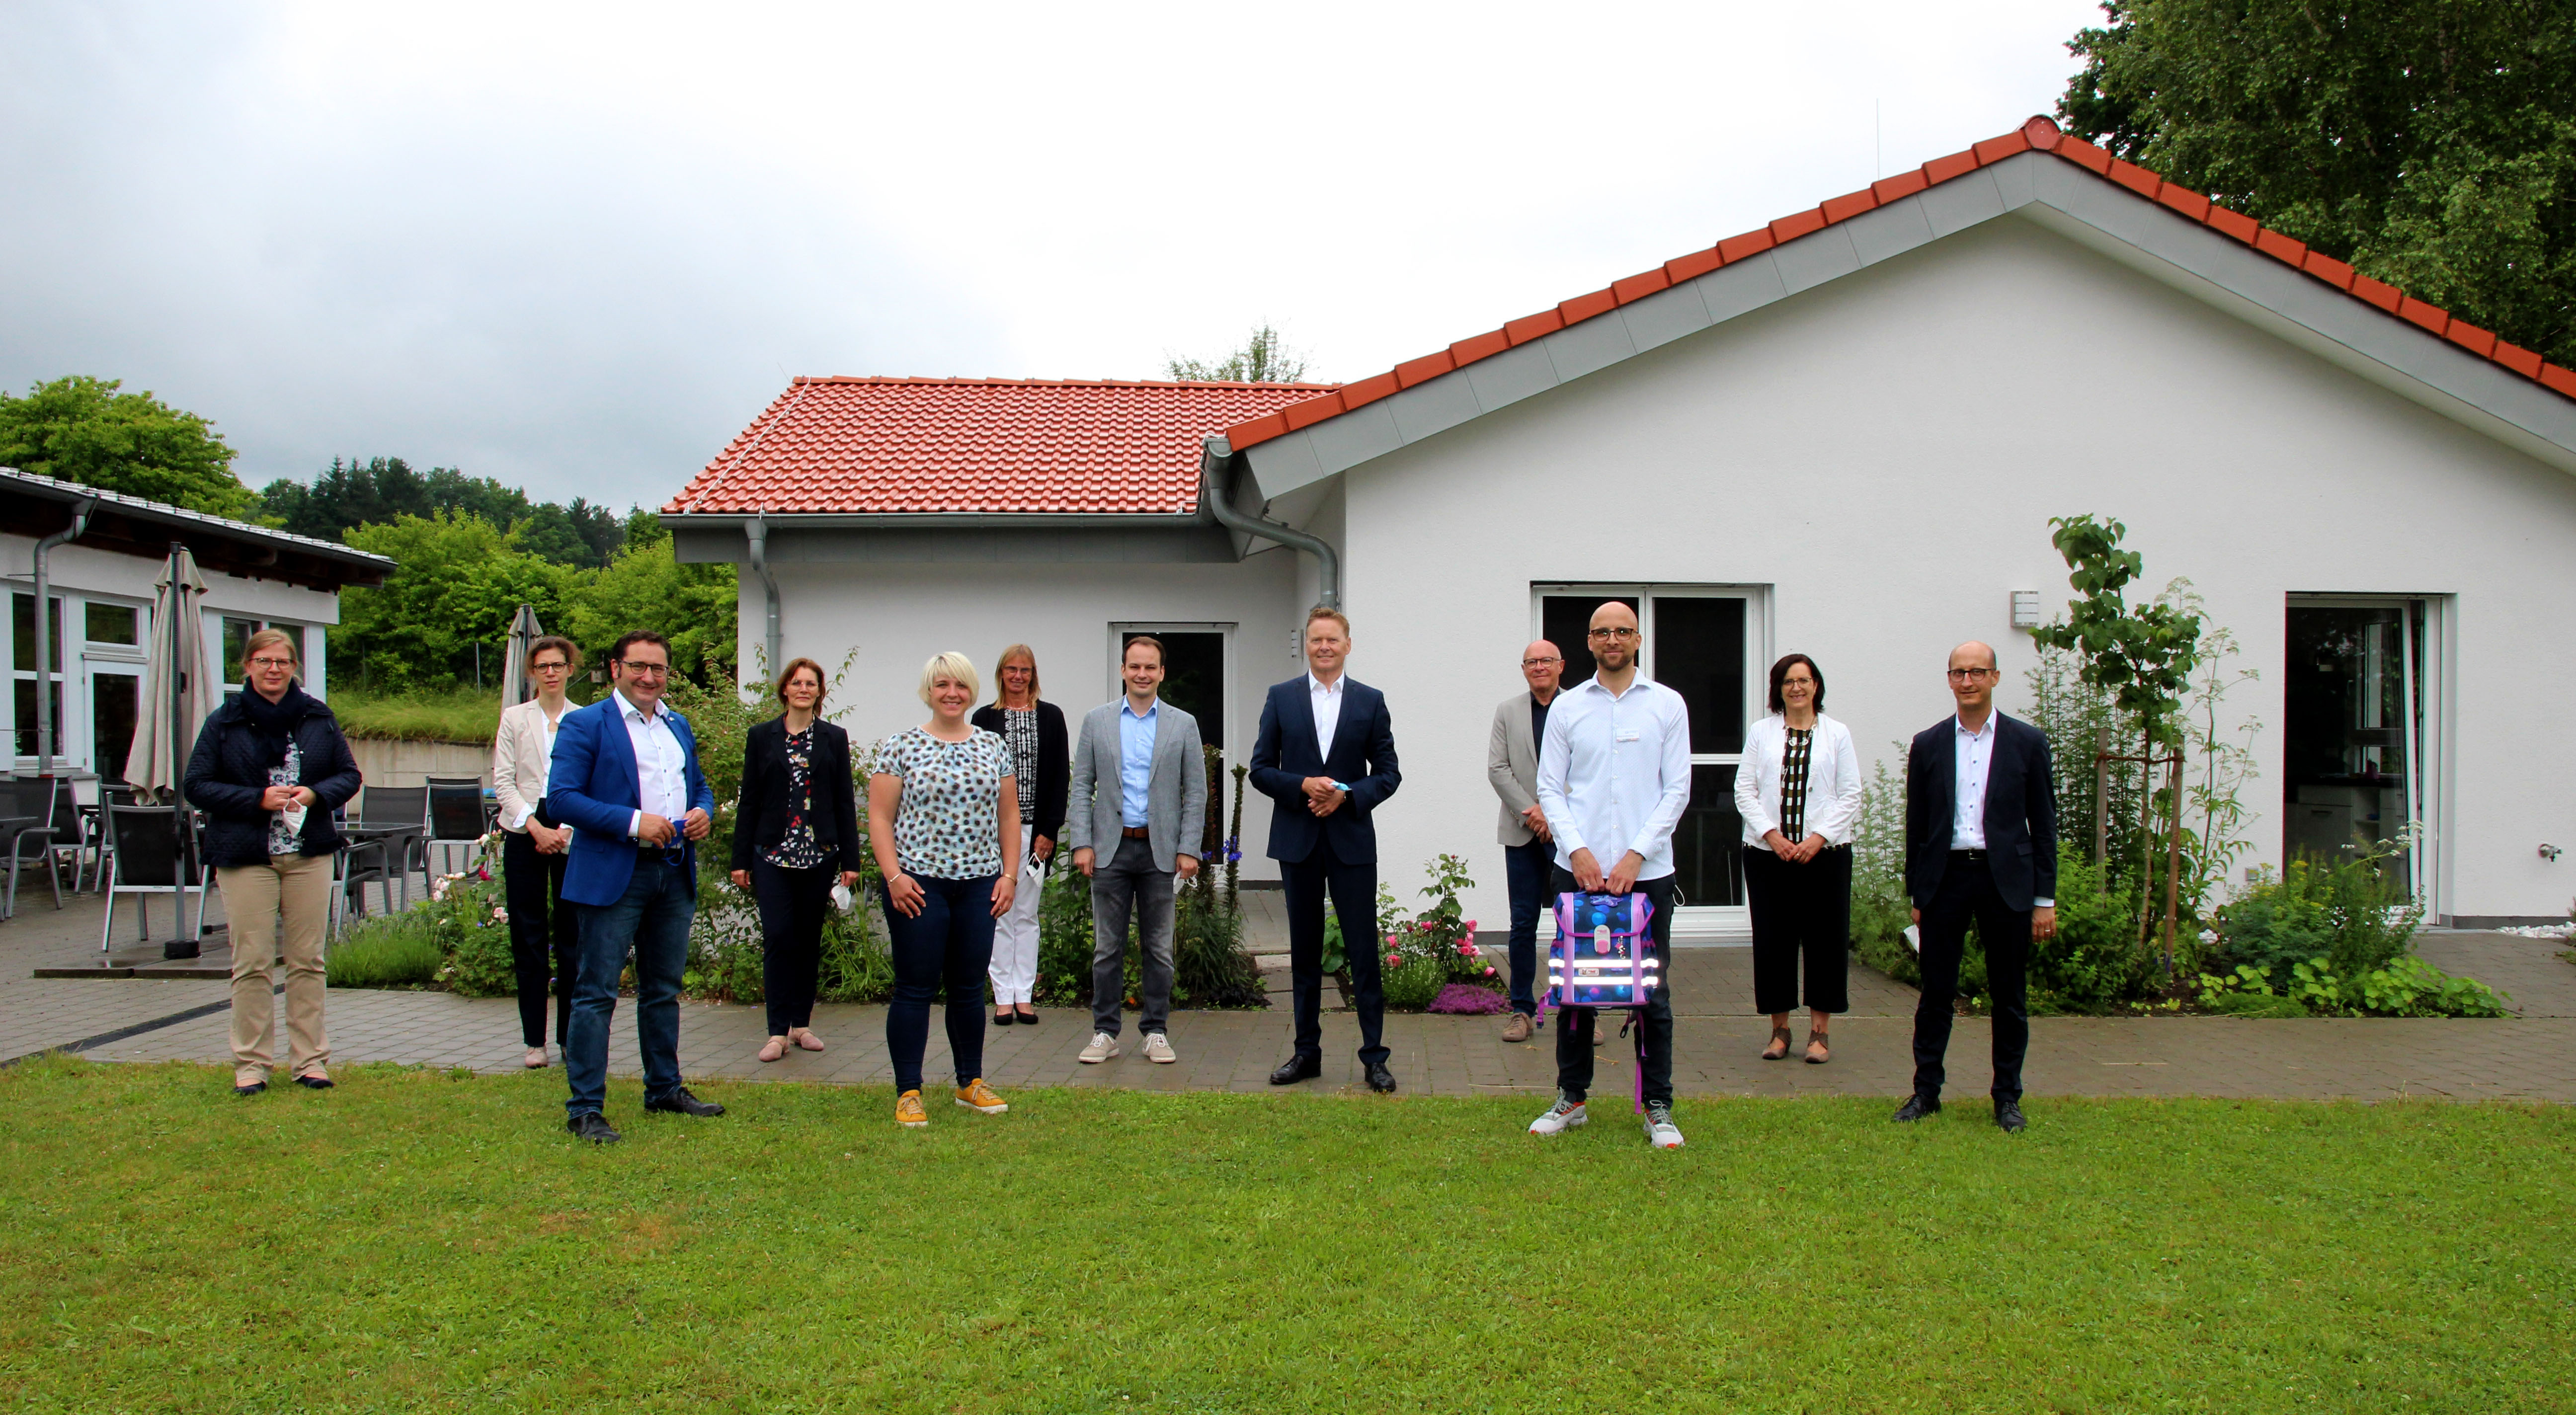 Die interfraktionelle Arbeitsgruppe Inklusion mit Vorsitzenden Norbert Dünkel (5. v. re.) kam zu einer Fachtagung mit lokalen Vertreterinnen und Vertretern aus dem Schulbereich und der Lebenshilfe in den Landkreis; hier bei der Lebenshilfe Nürnberger Land